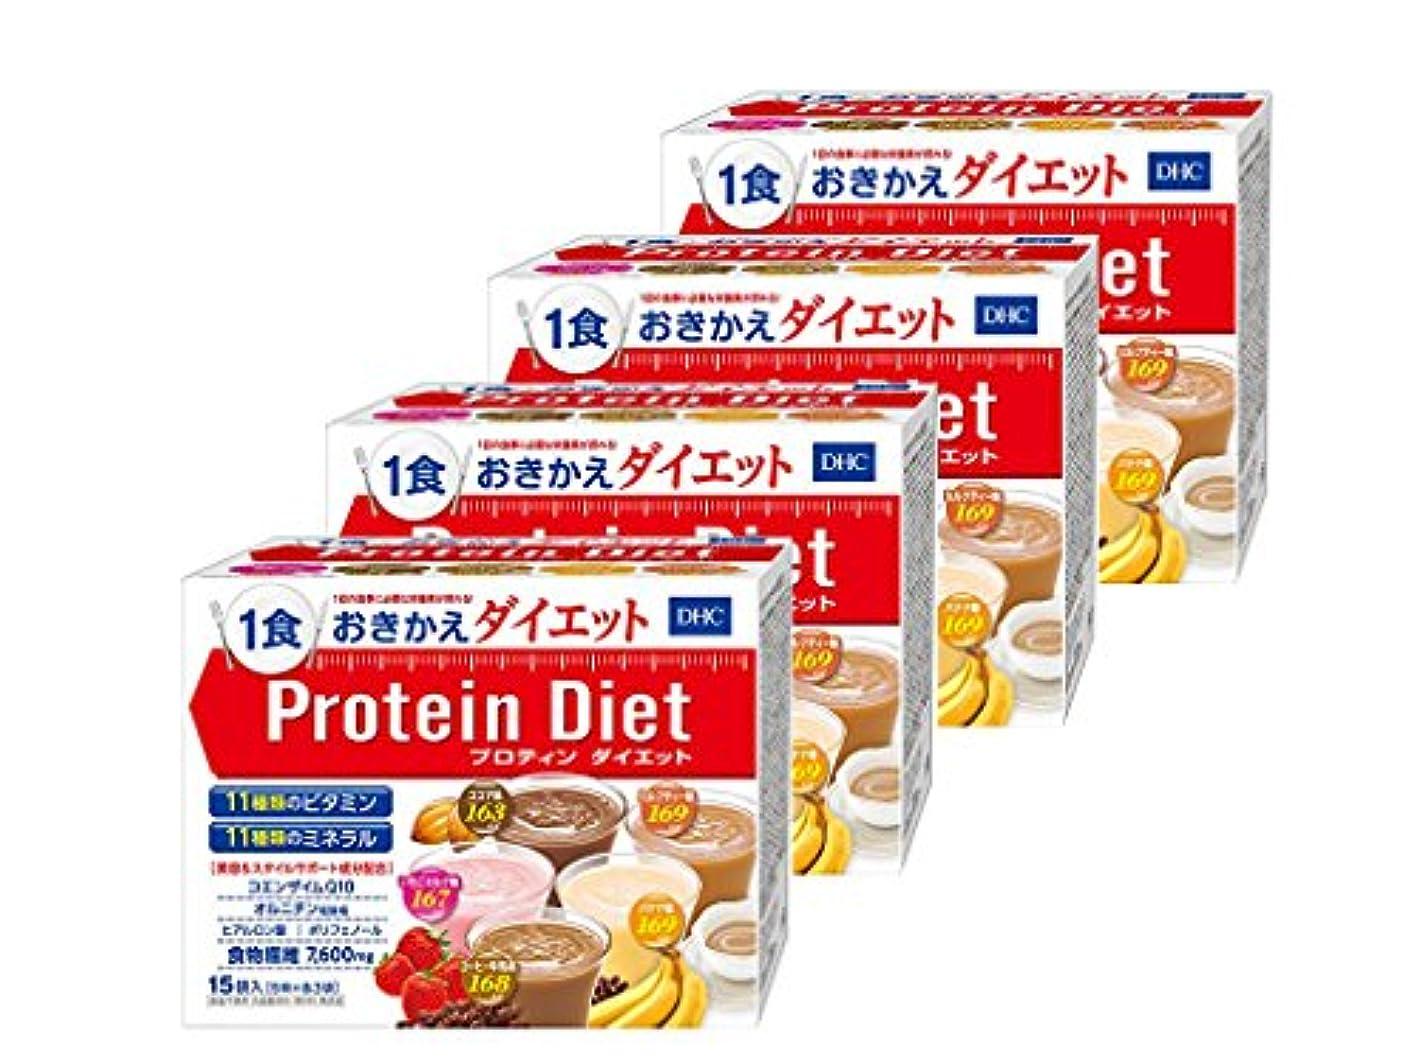 作ります迫害するのスコアDHC プロティンダイエット 1箱15袋入 4箱セット 1食169kcal以下&栄養バッチリ! リニューアル